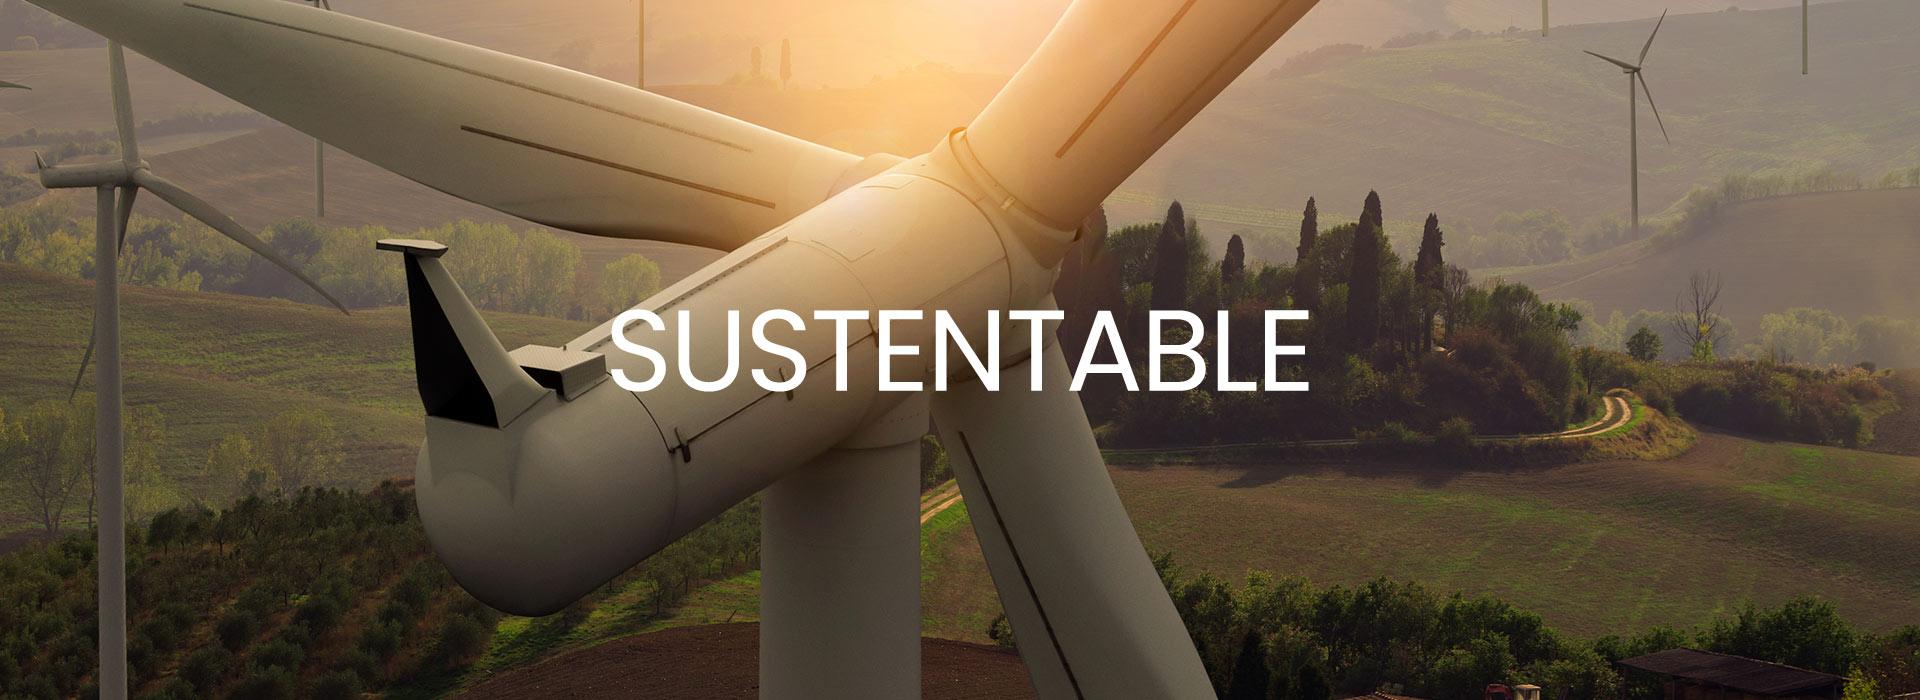 CeSus-Slider-sustentable